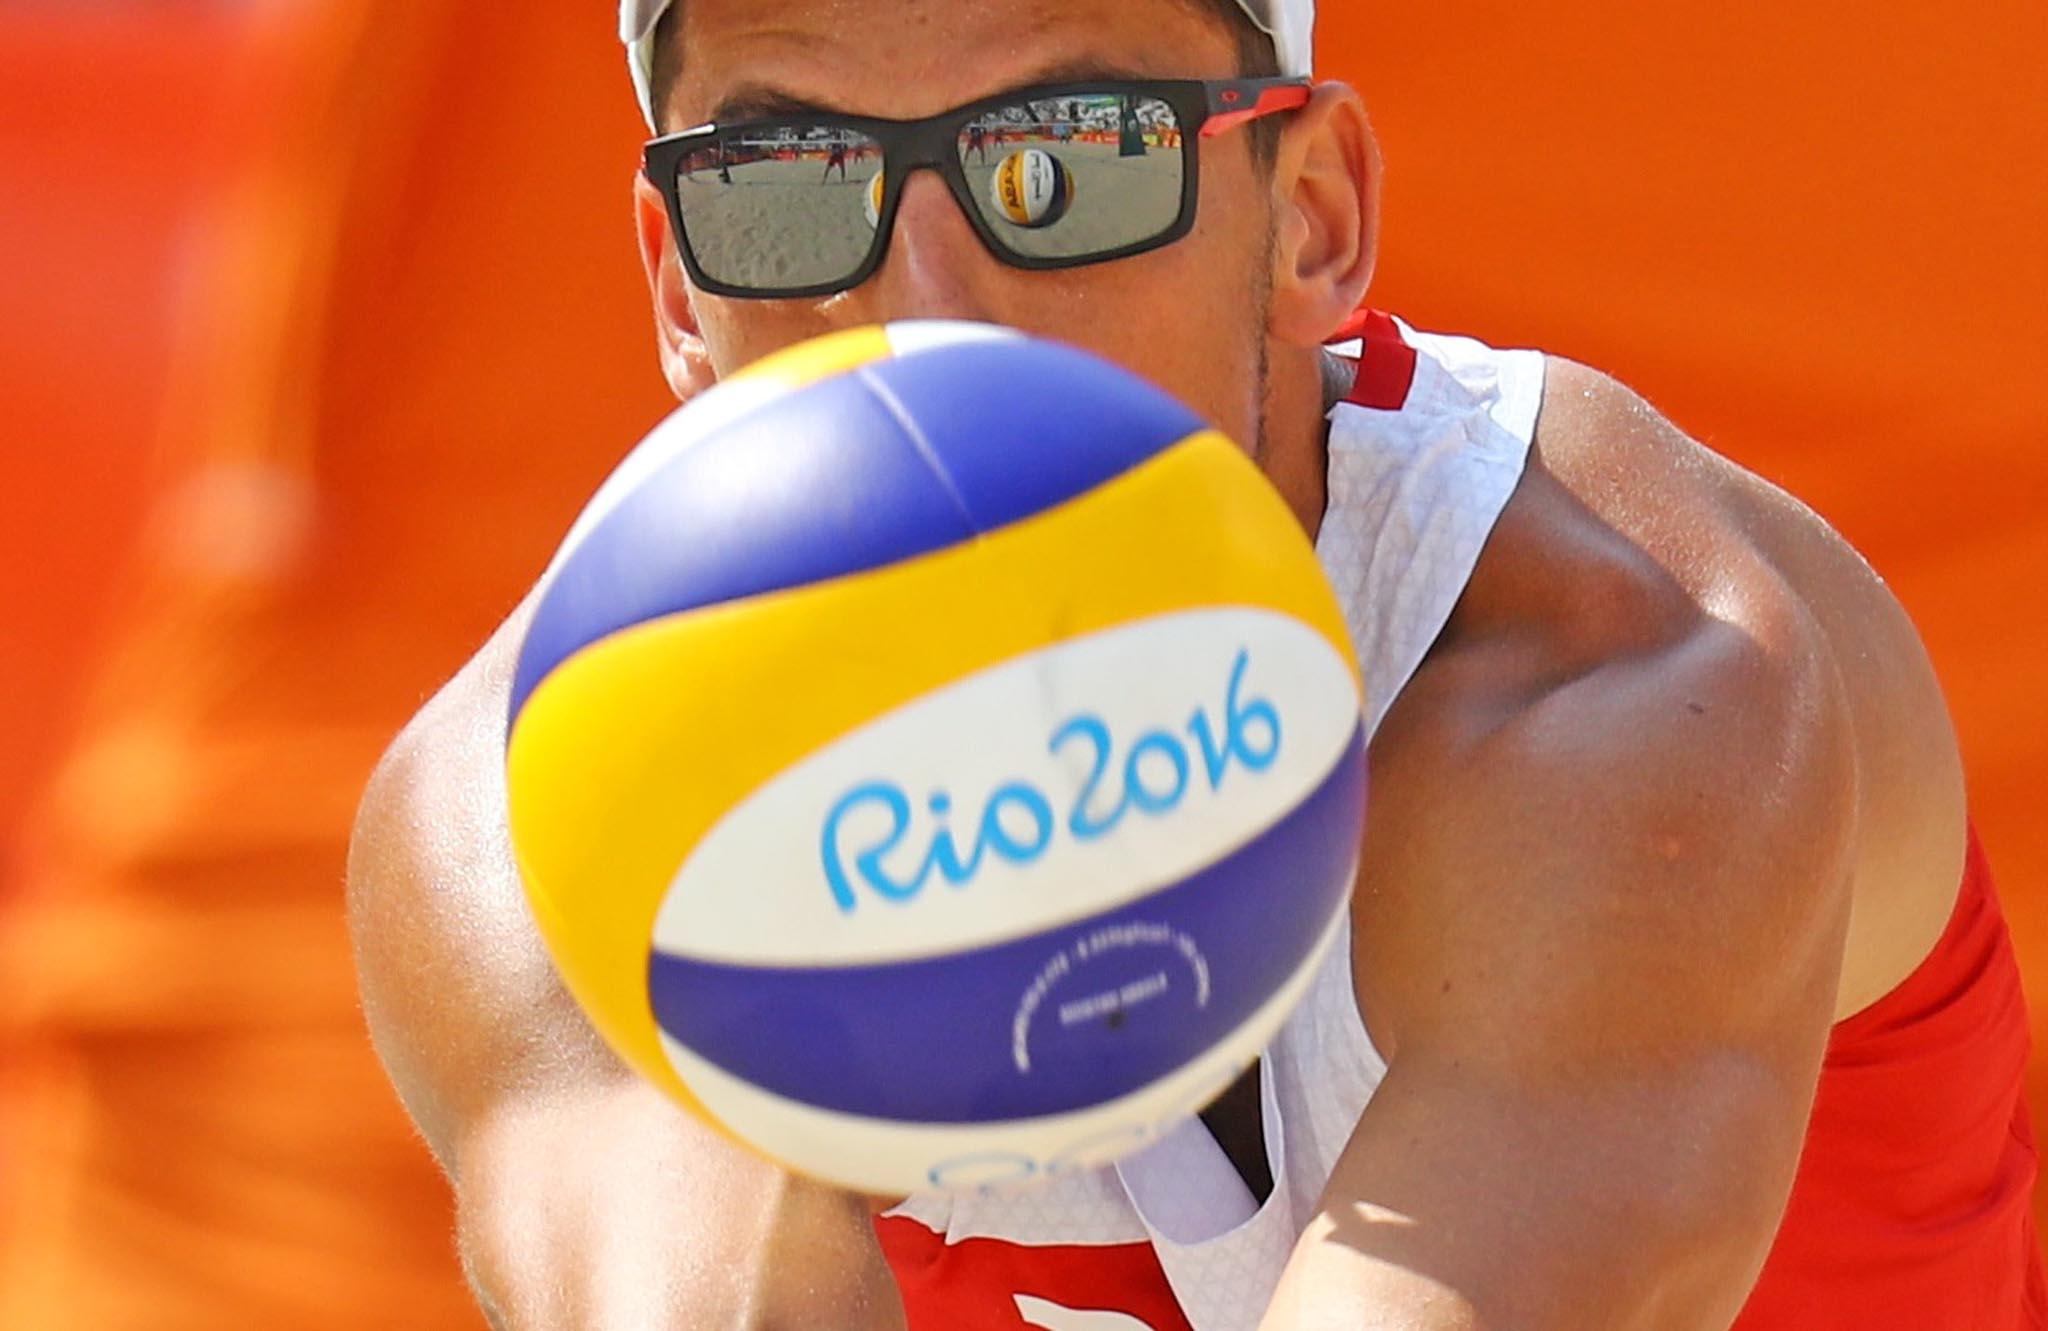 2016 Rio Olympics - Beach Volleyball - Men's Preliminary - Beach Volleyball Arena - Rio de Janeiro, Brazil - 08/08/2016. Bartosz Losiak (POL) of Poland competes